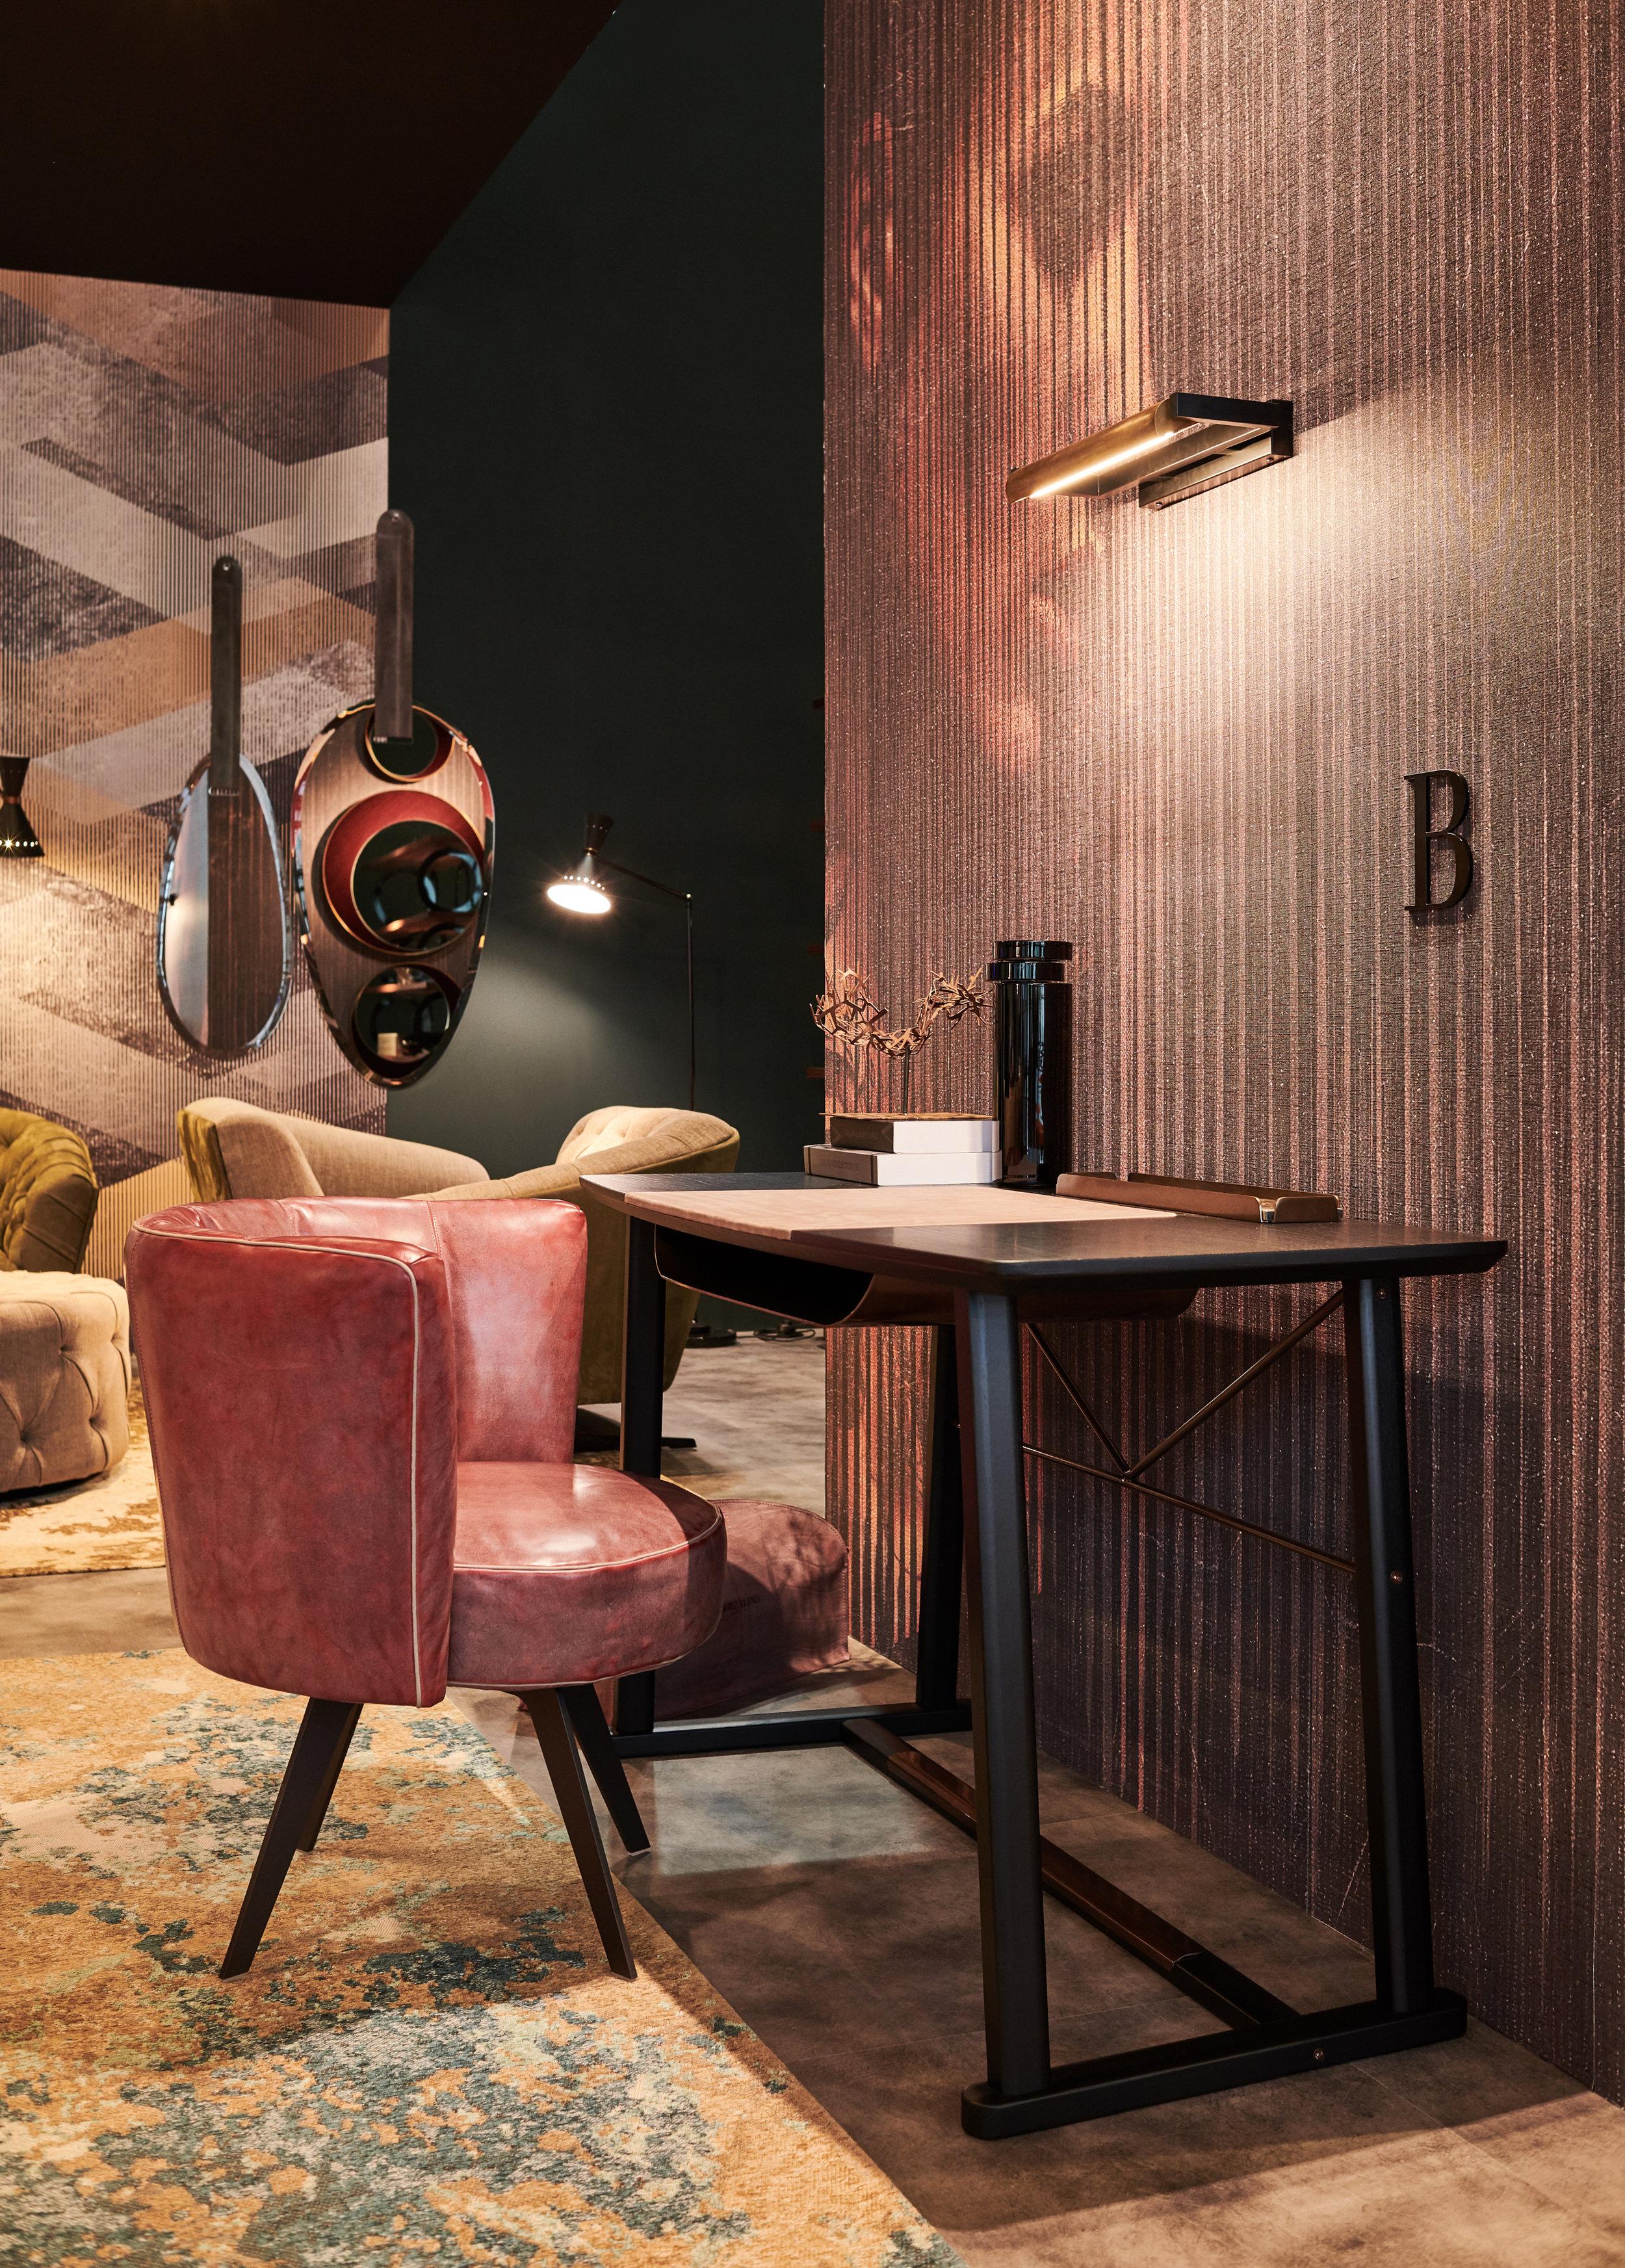 Borzalino Diva swivel armchair - Masha Shapiro Agency UK.jpg